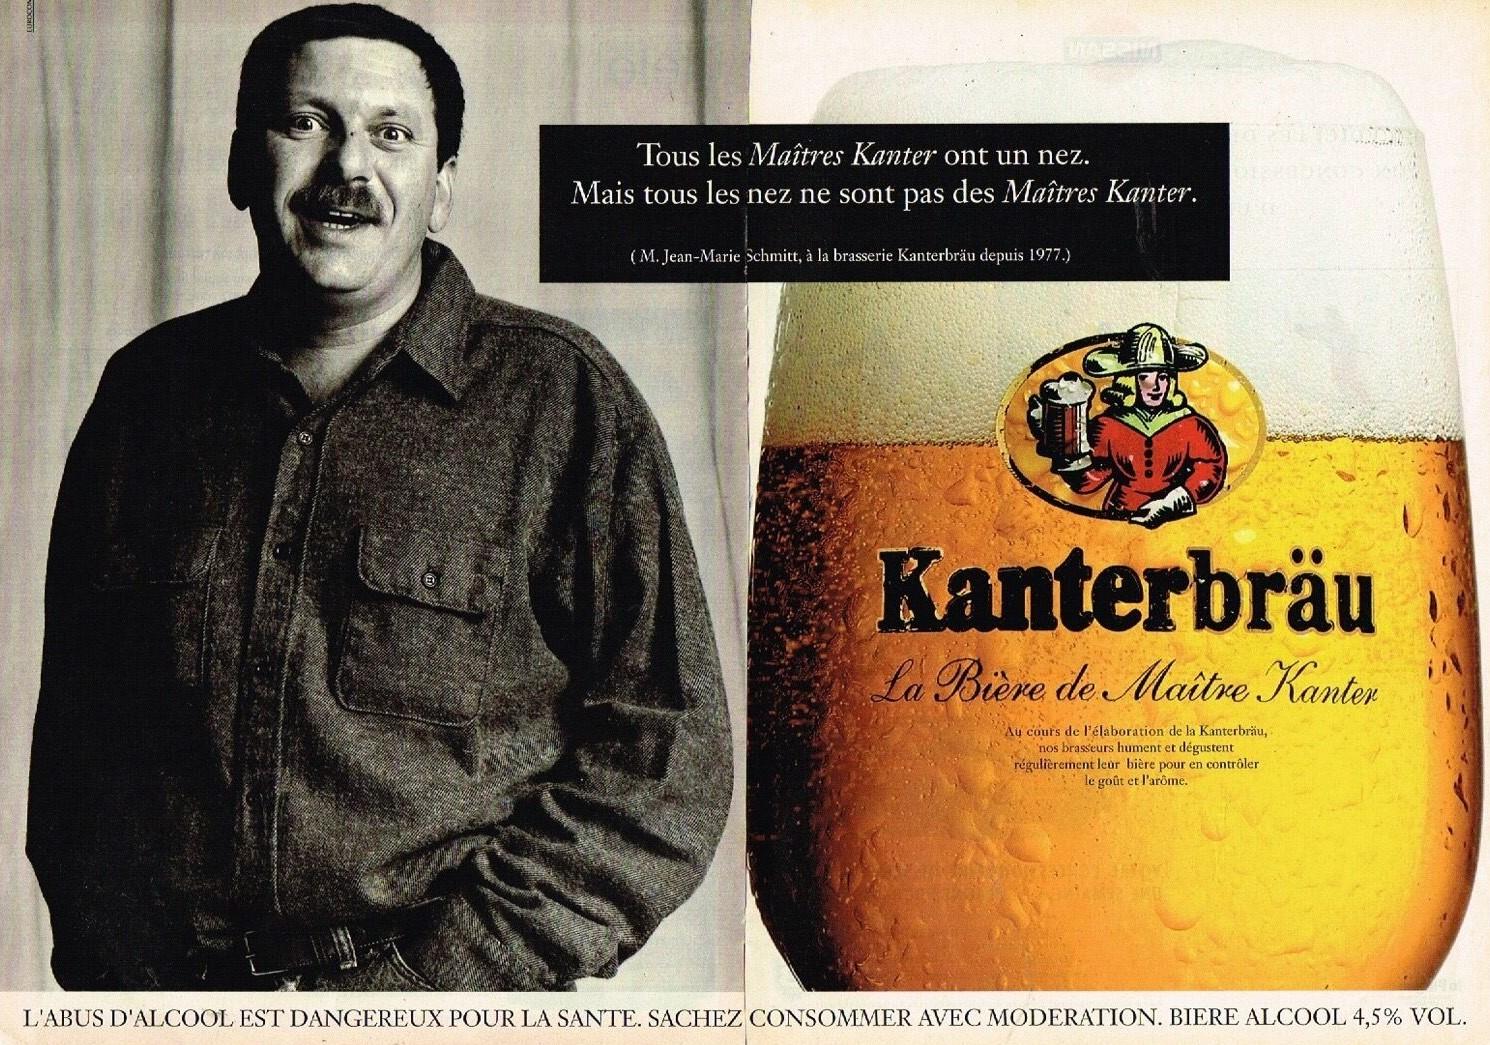 Kanterbrau 1993 A1 Mr Jean-Marie Schmitt